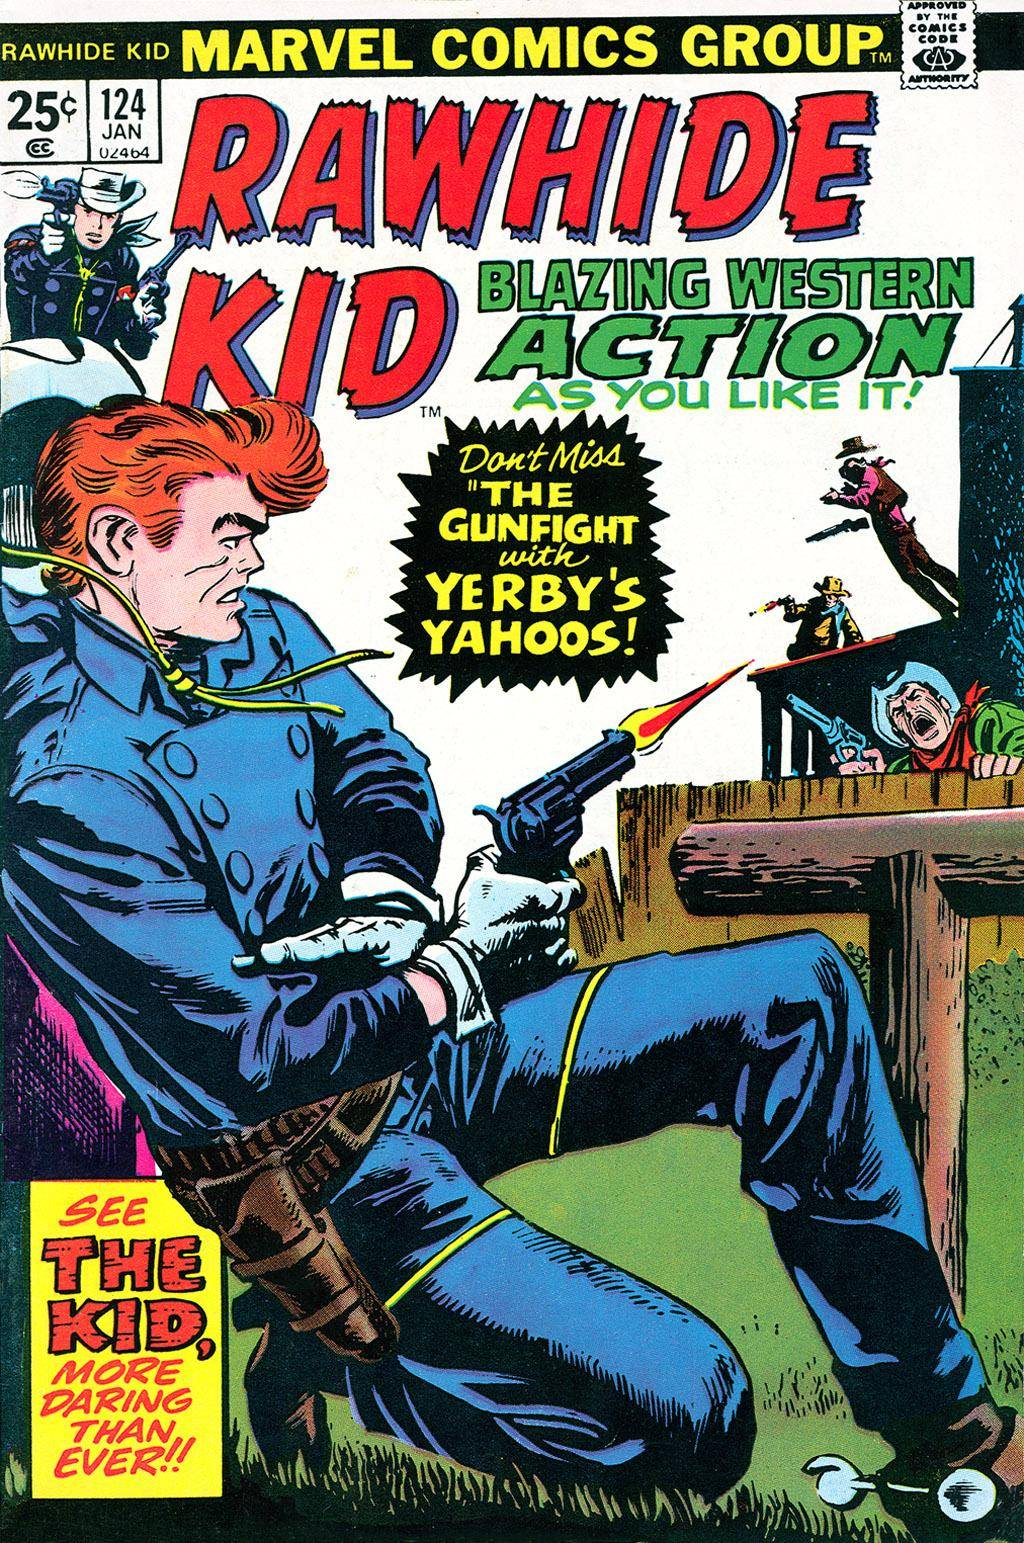 Rawhide Kid v1 124 1975 Brigus